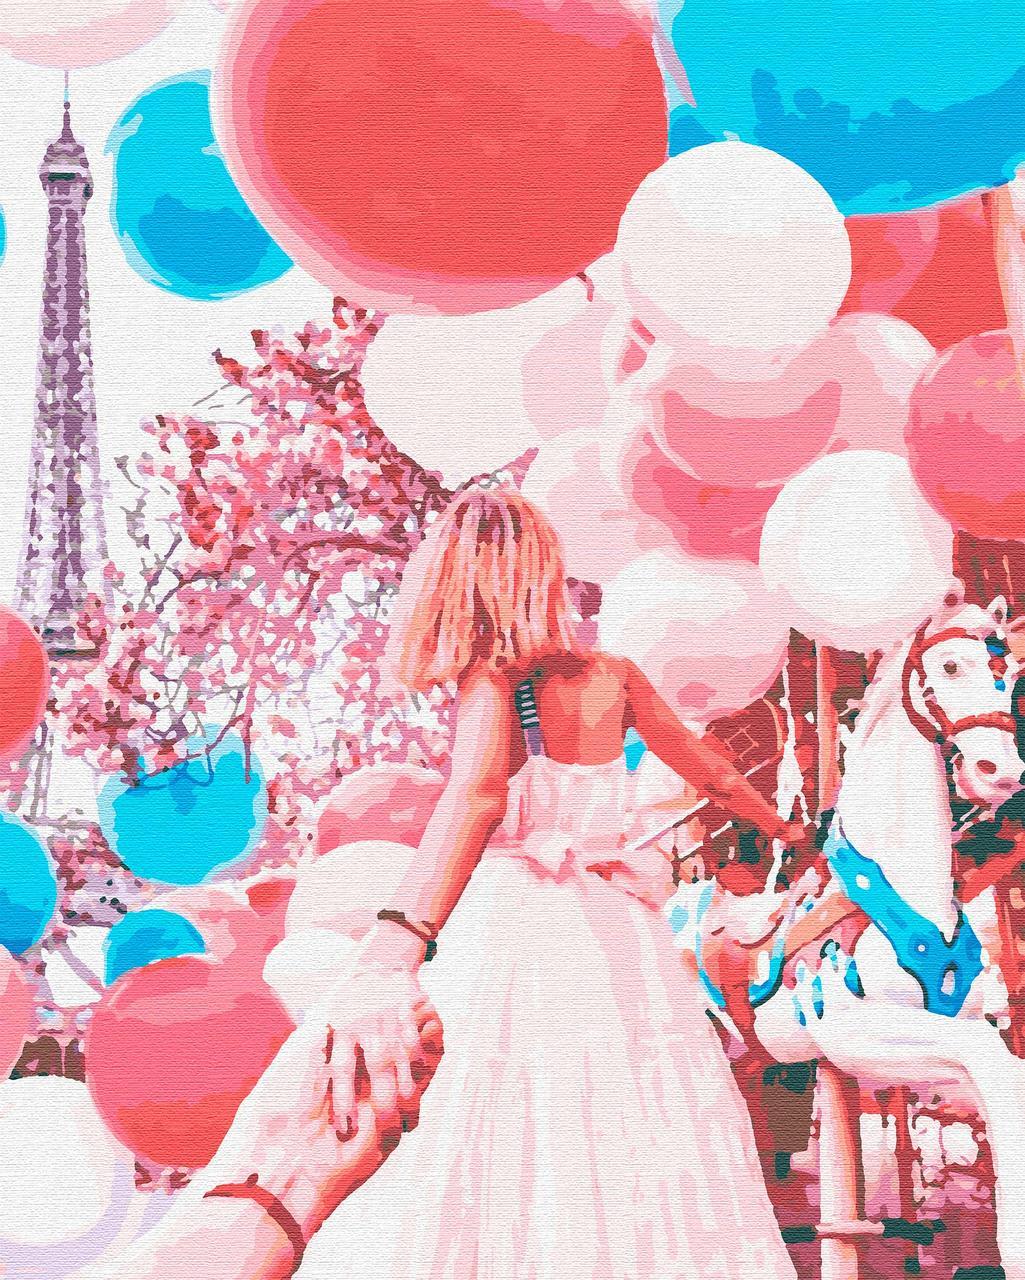 Картини за номерами подорожі люди дівчина париж 40х50 Парижська Карусель